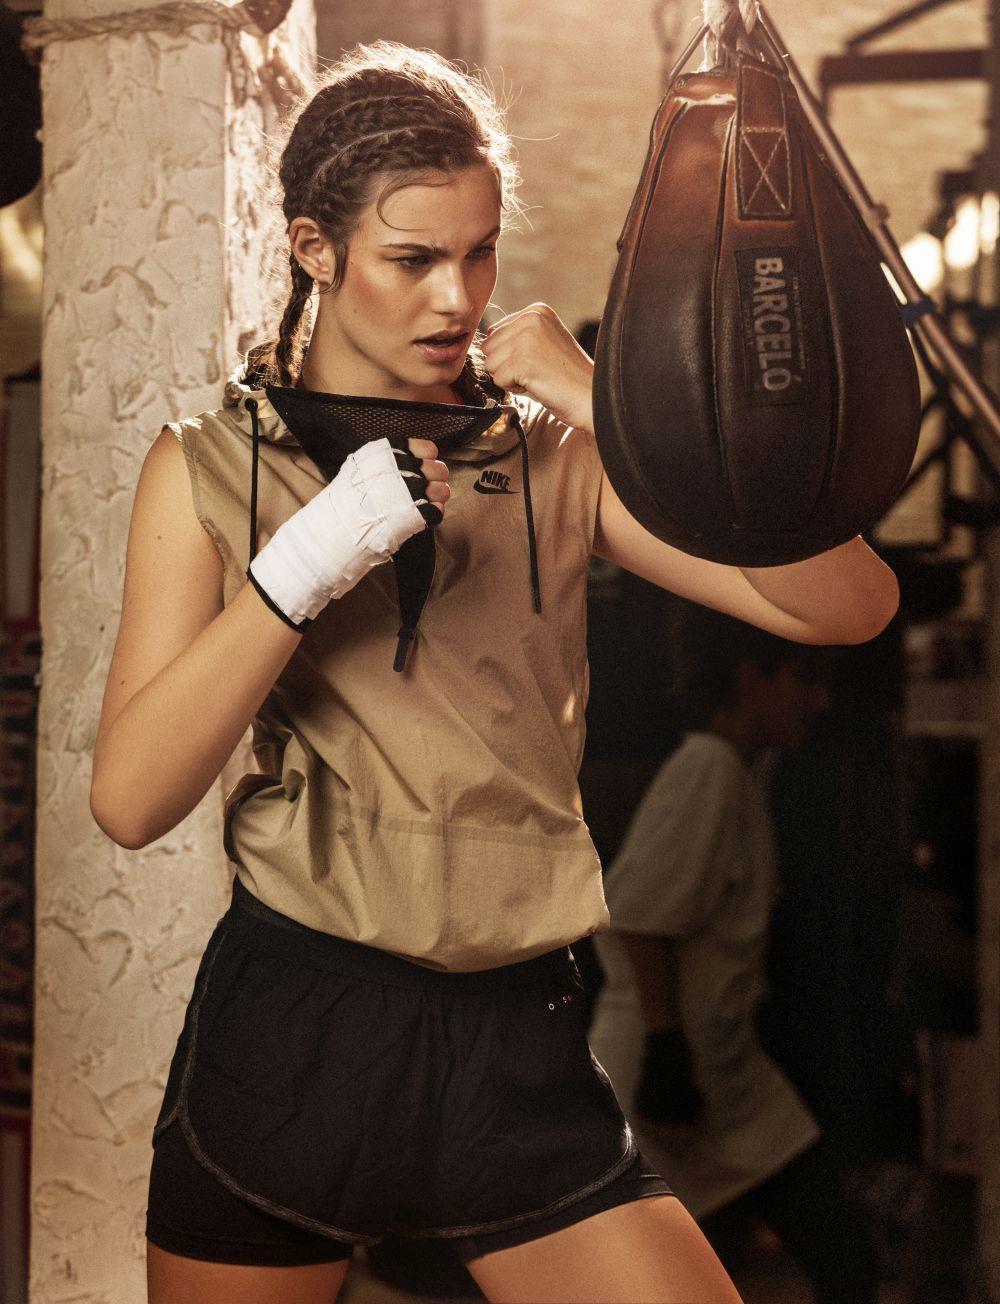 El saco de boxeo adelgazar